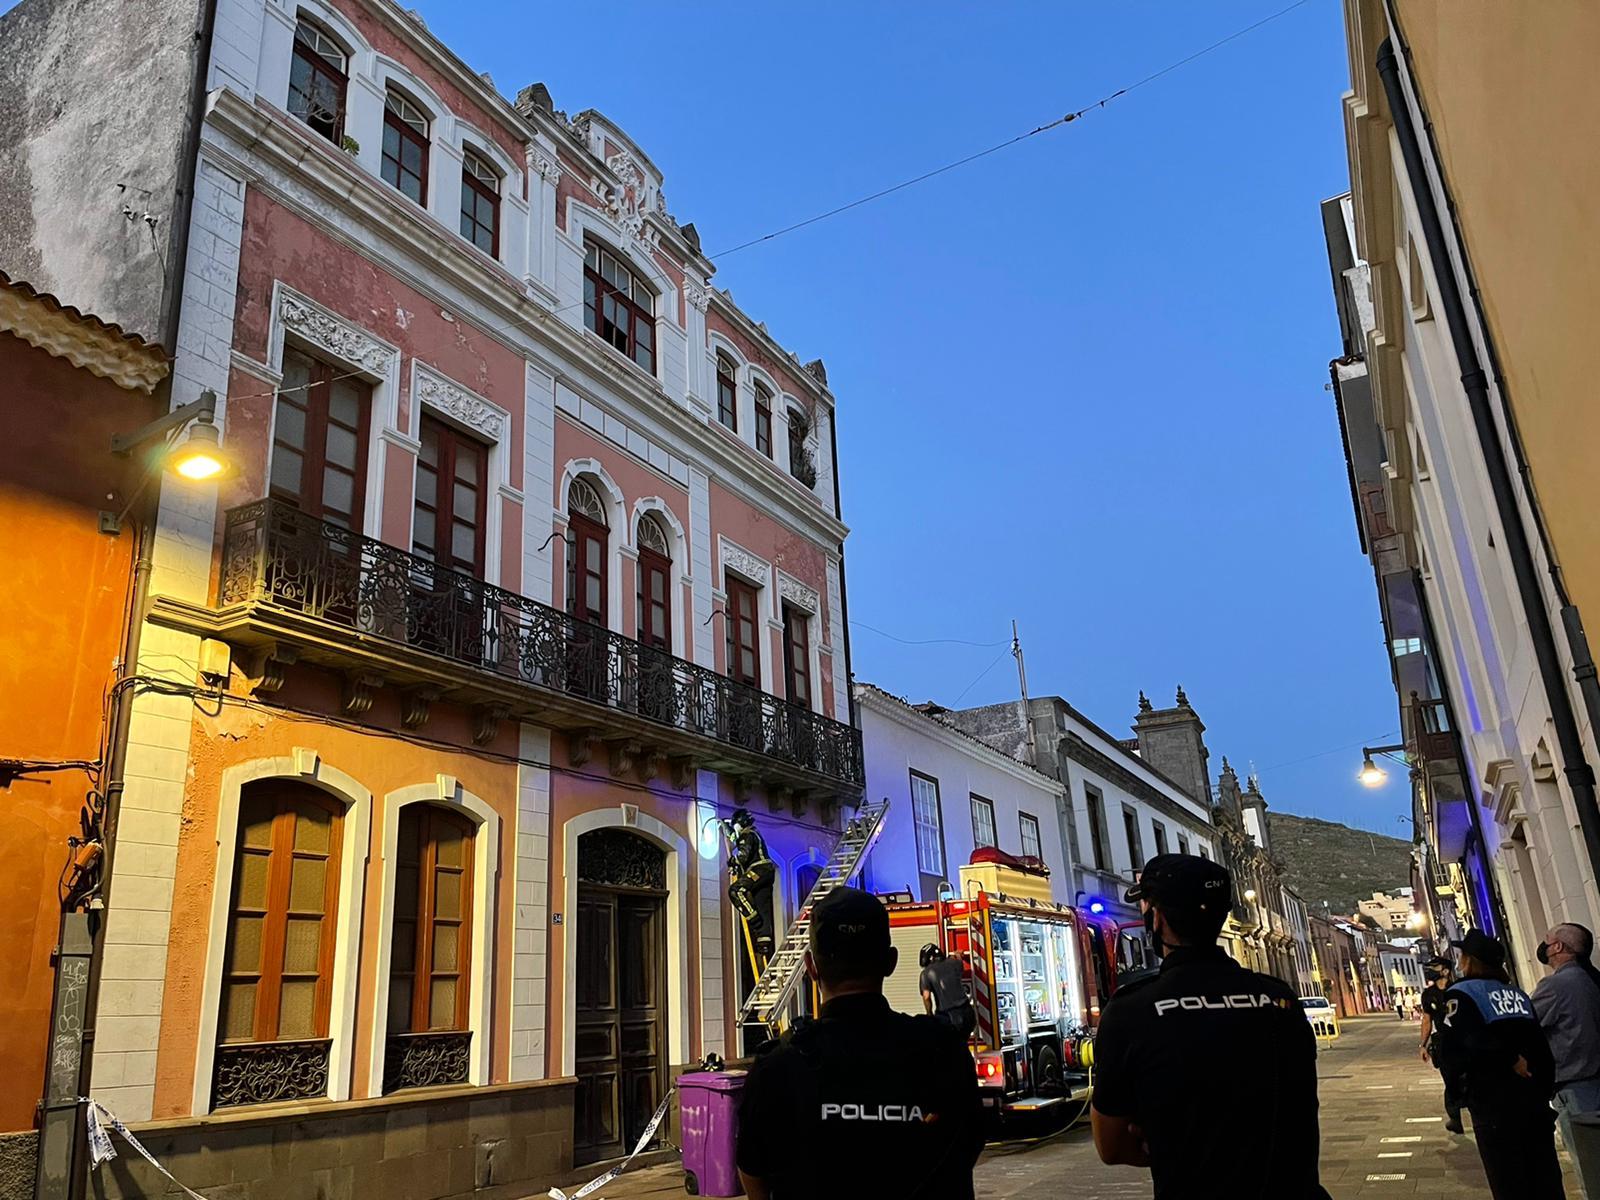 Desprendimientos en un edificio deshabitado en la calle San Agustín de La Laguna / CanariasNoticias.es